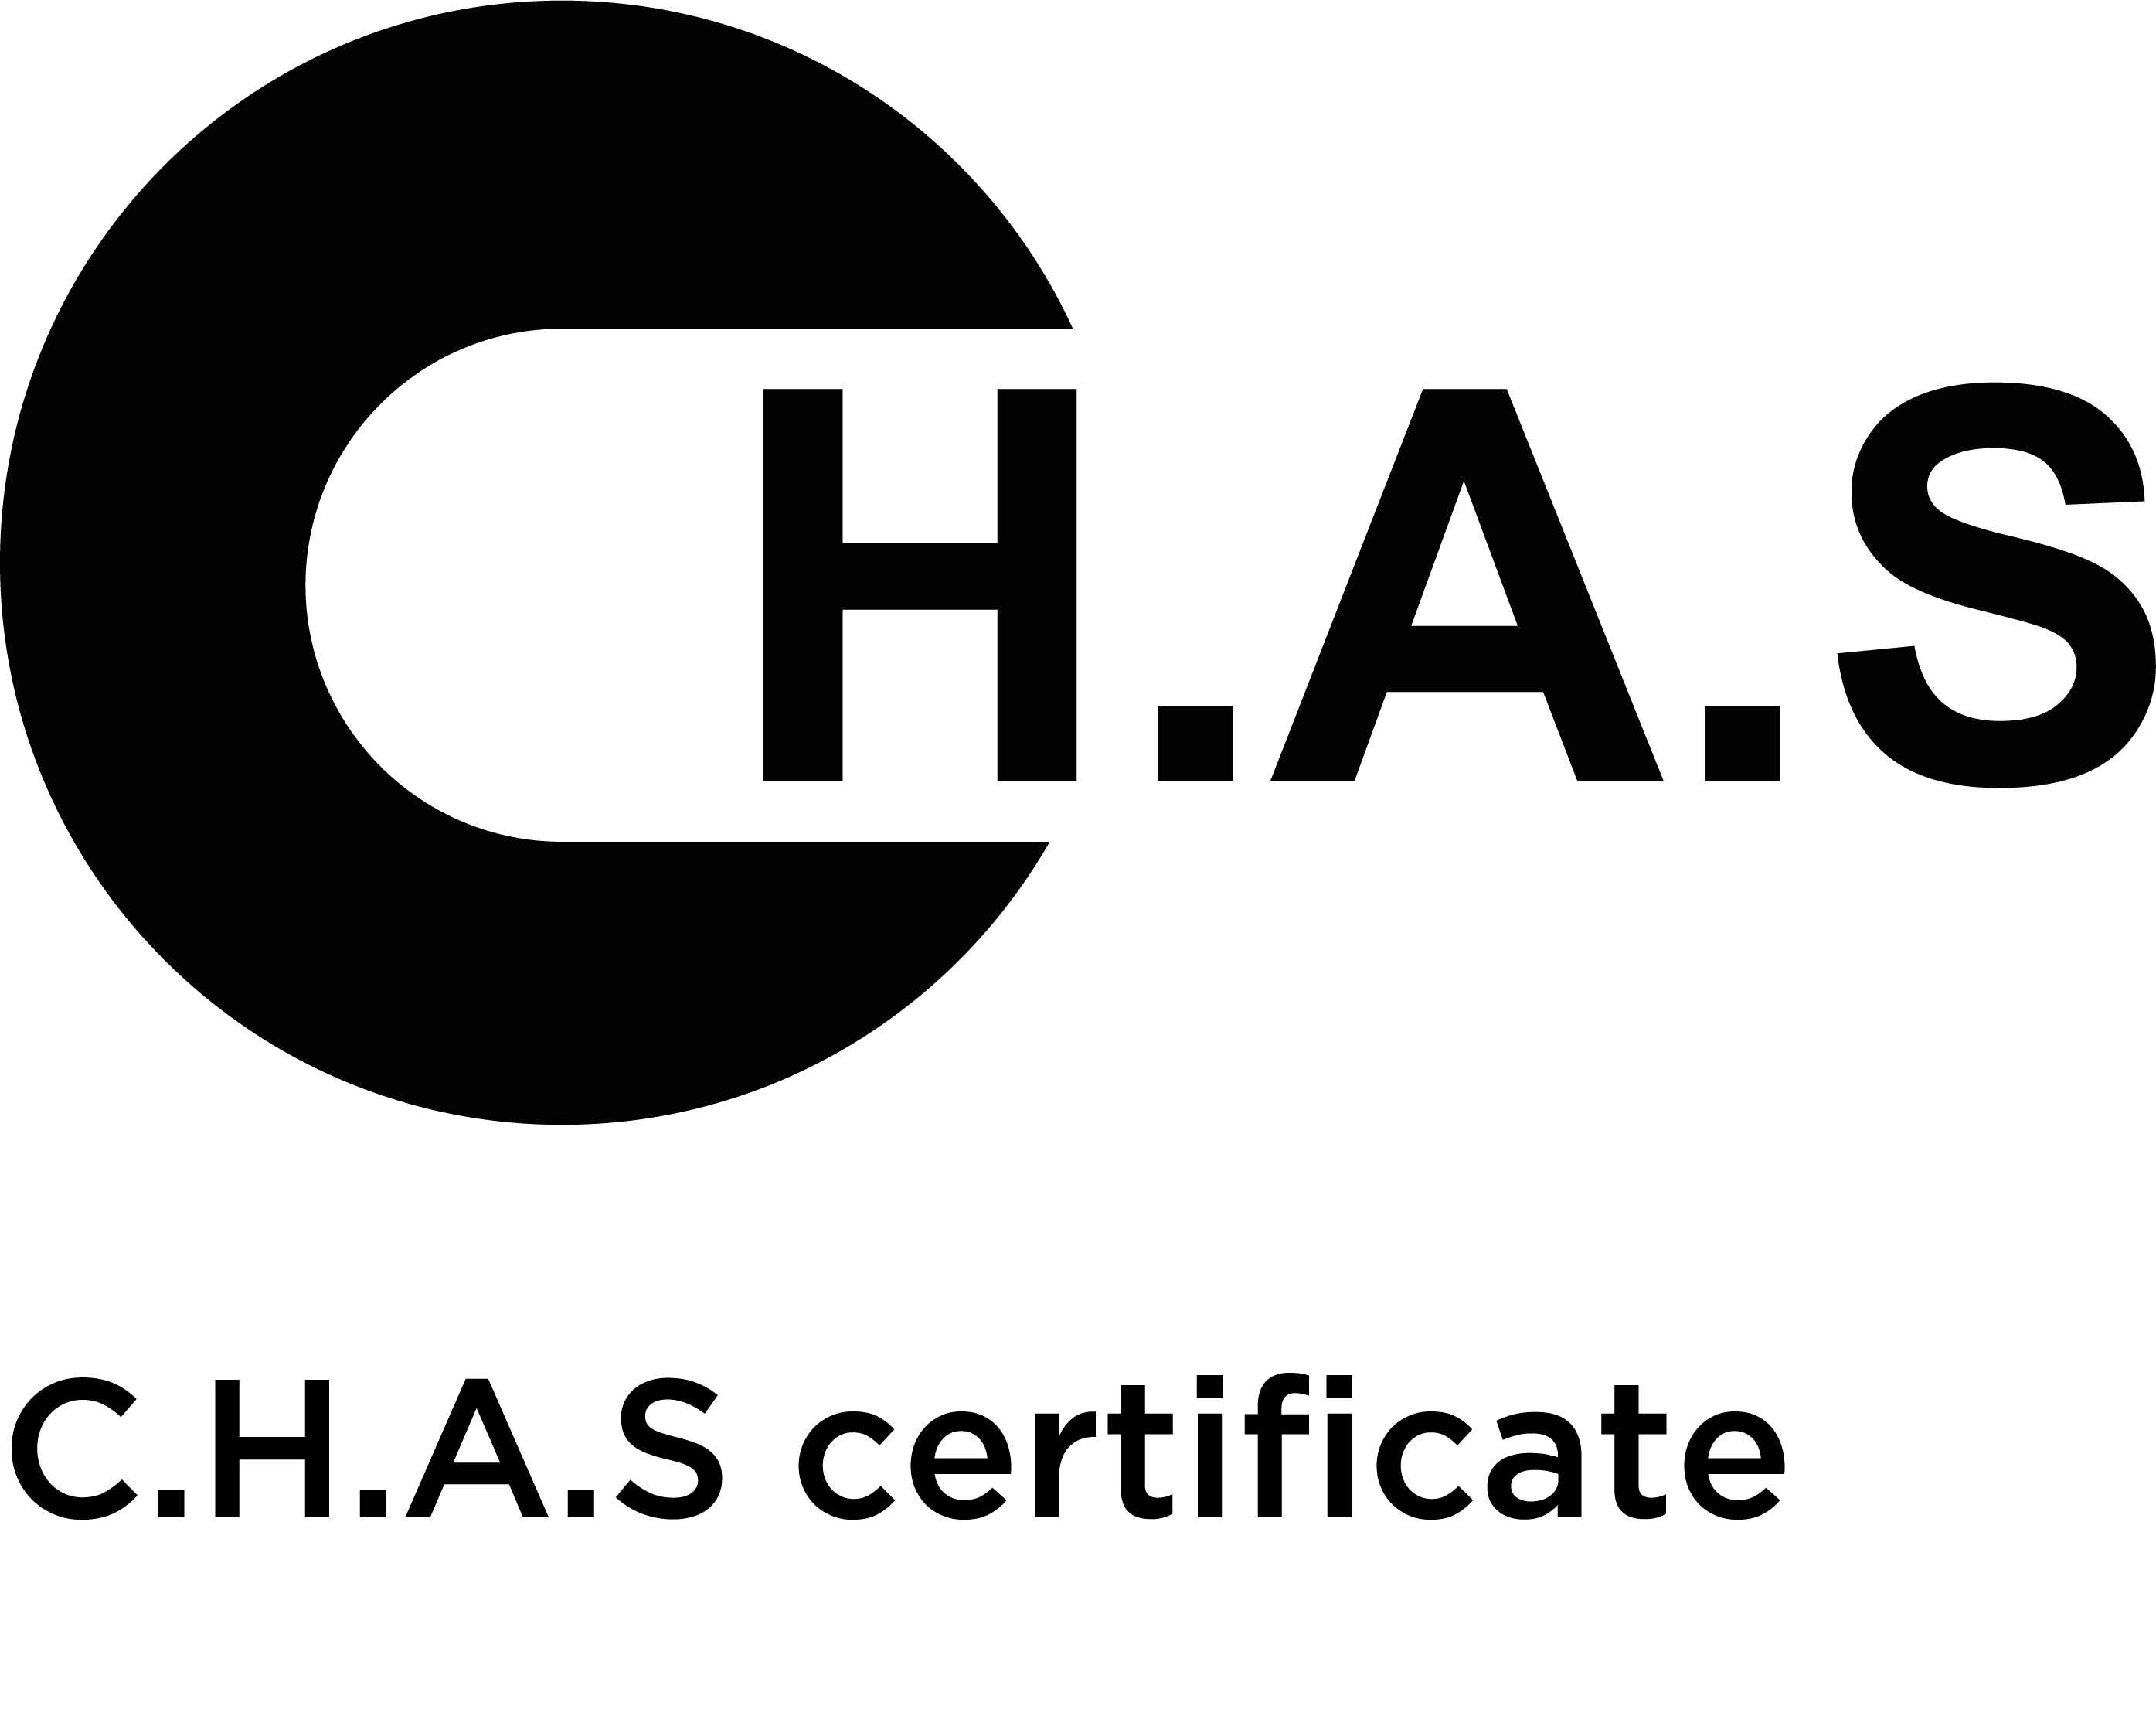 C.H.A.S.